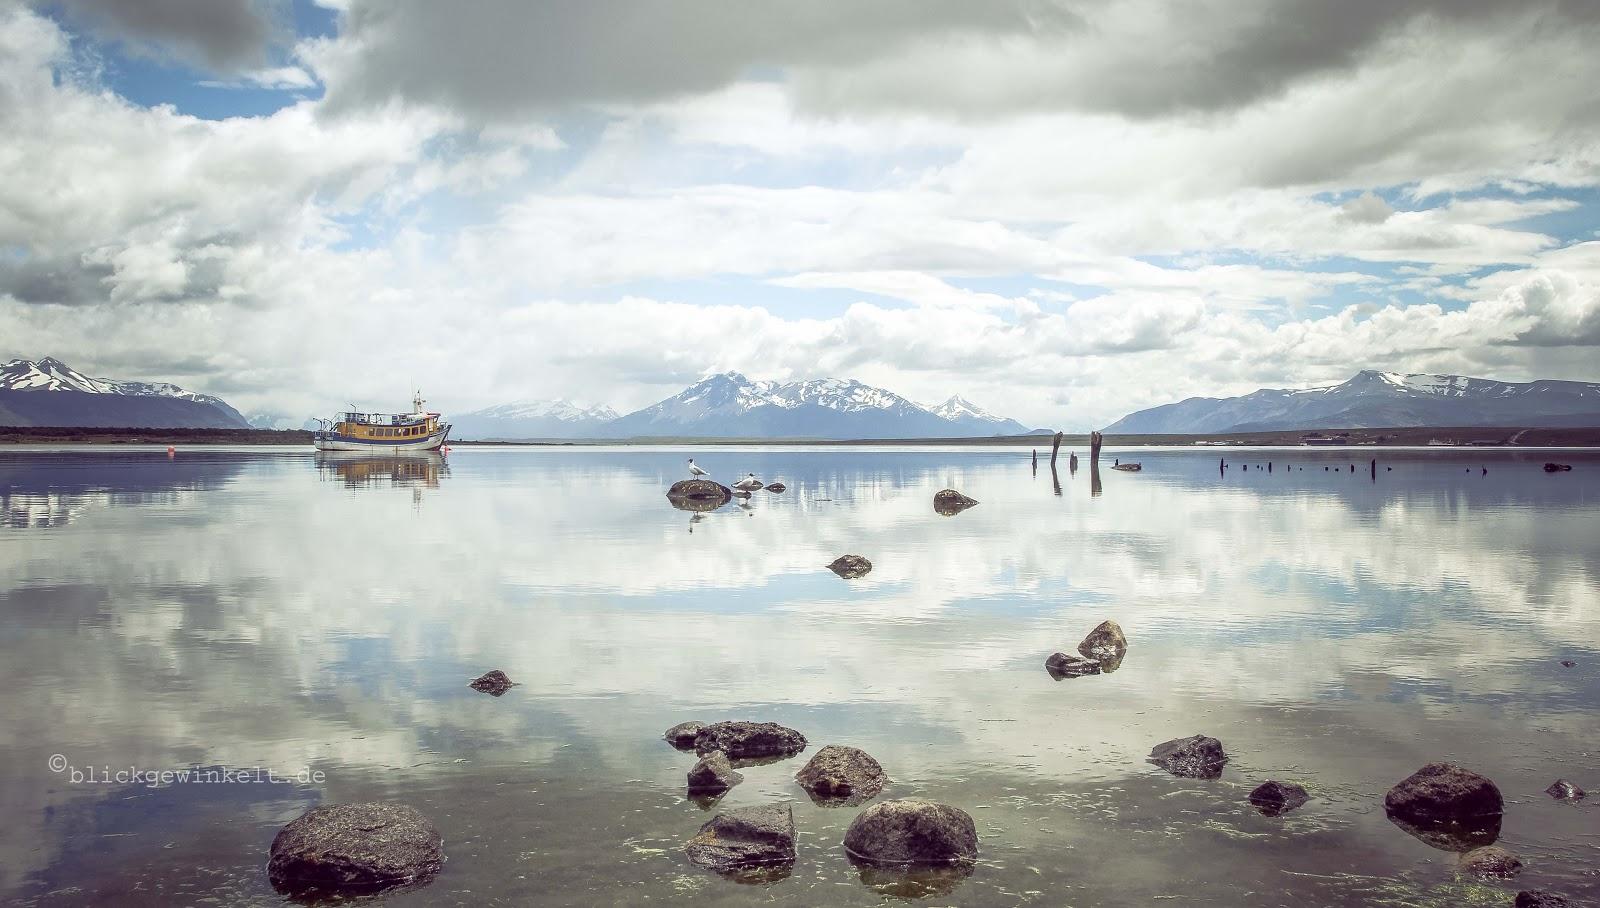 Wasserstraße und Schneeberge in Patagonien